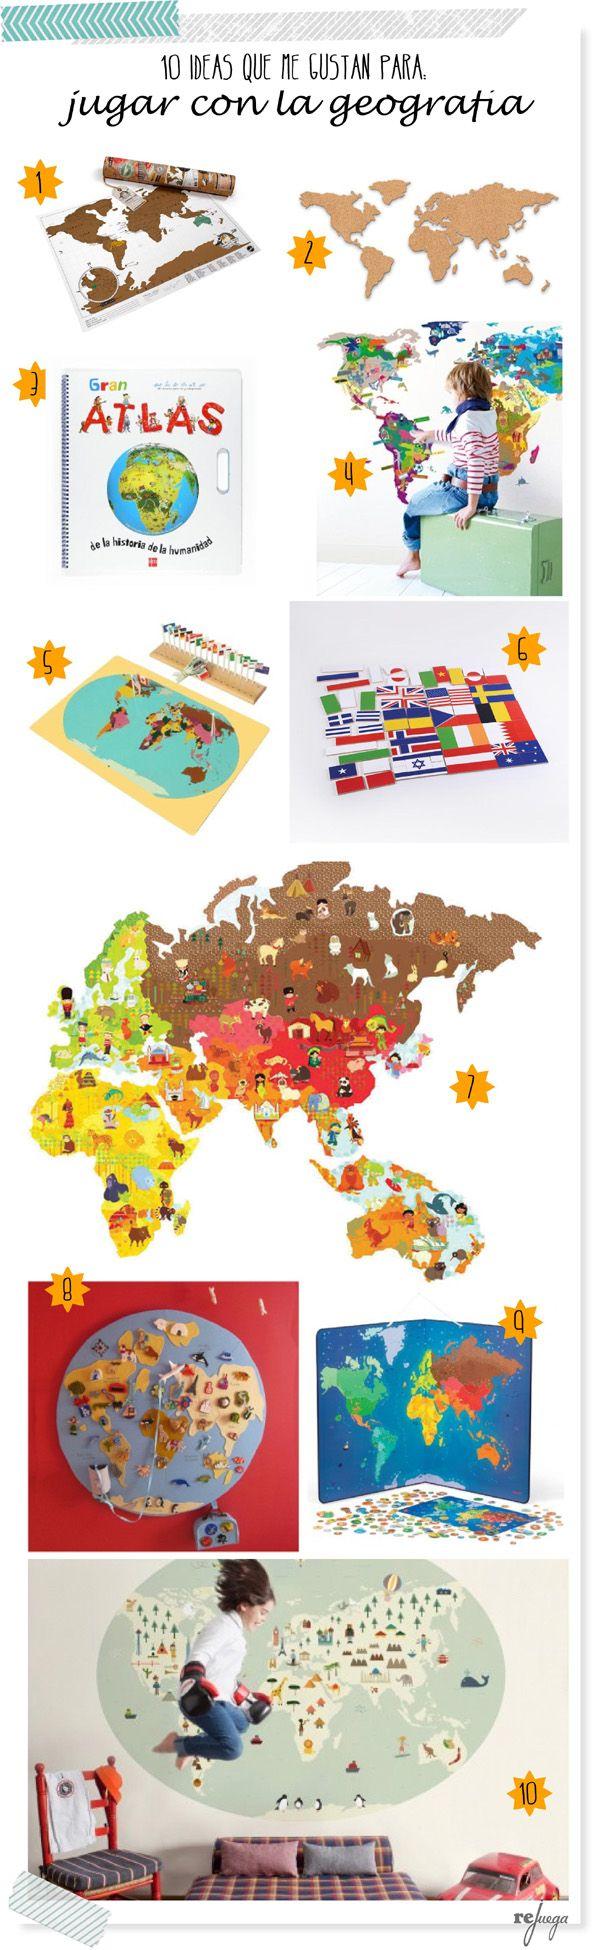 Juegos de geografía para niños: Ideas que te inspirarán para adecuar el juego a vuestras necesidades